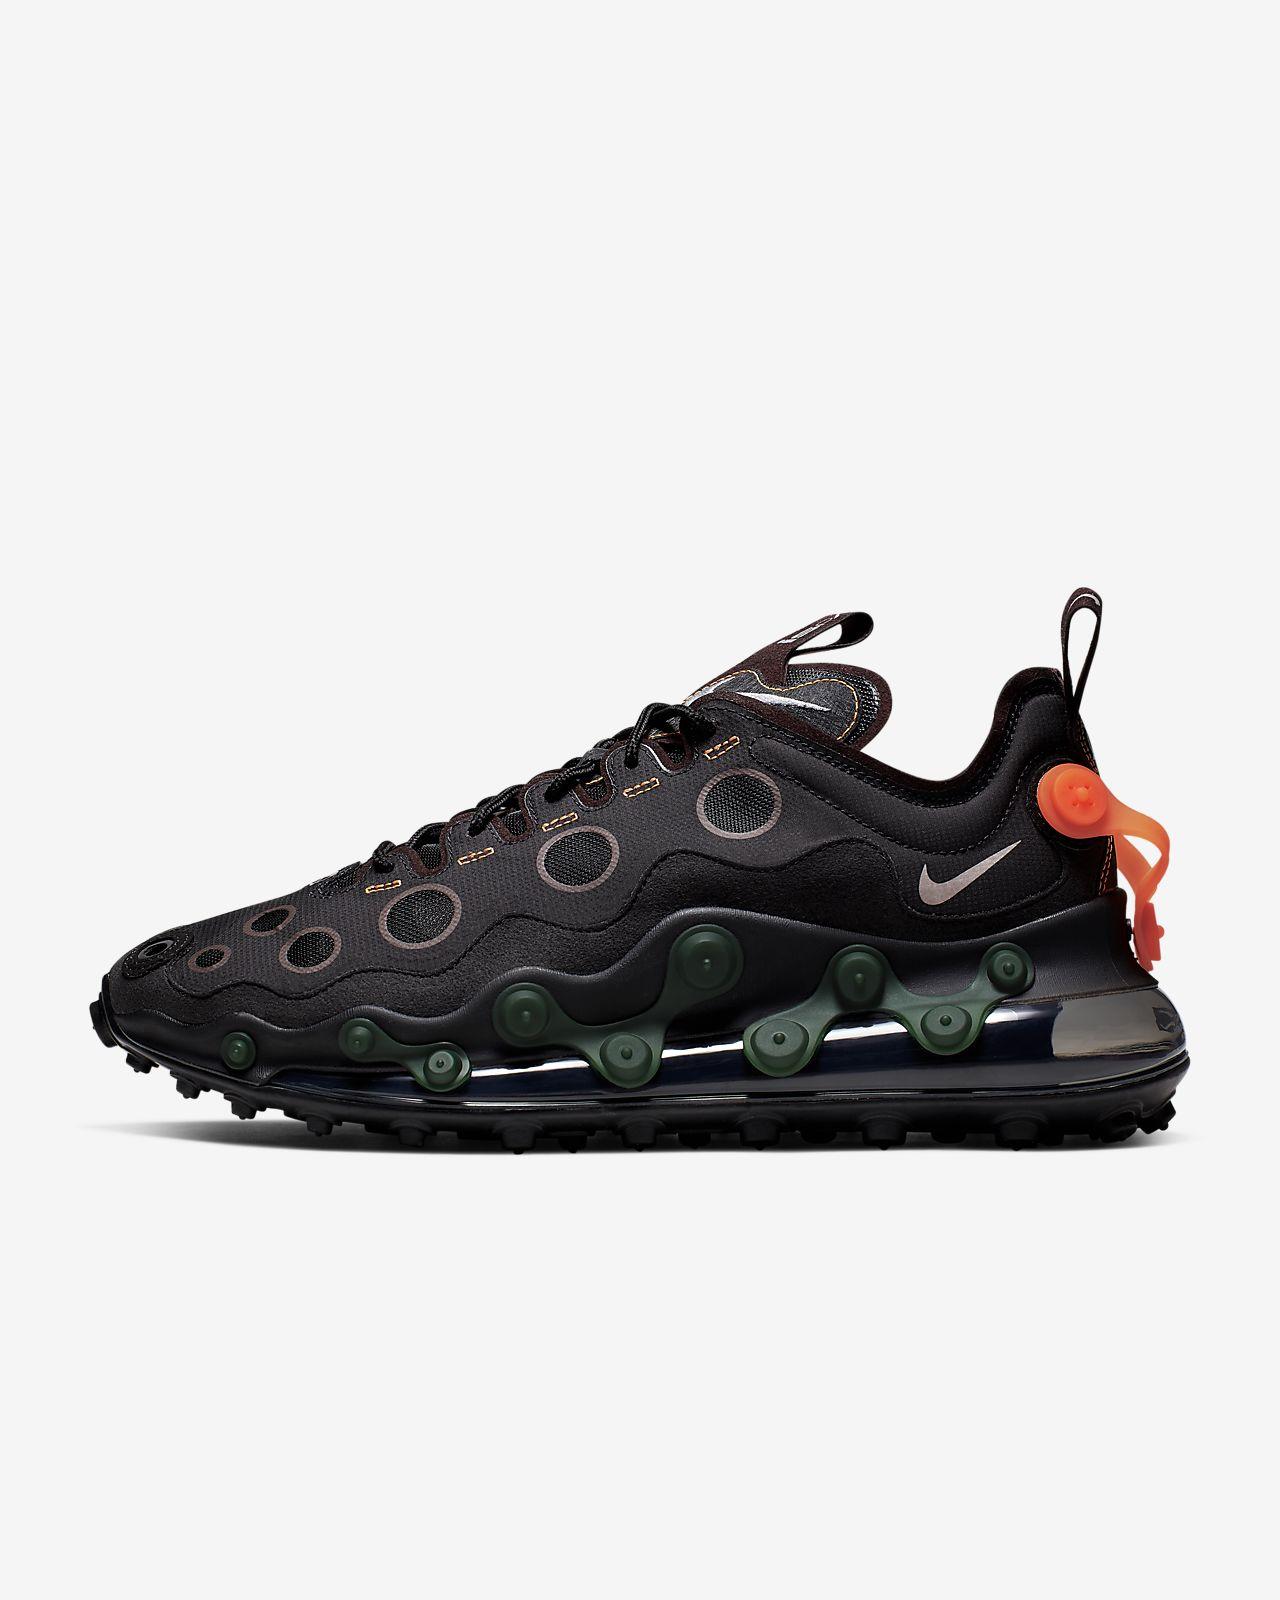 Nike ISPA Air Max 720 Men's Shoe